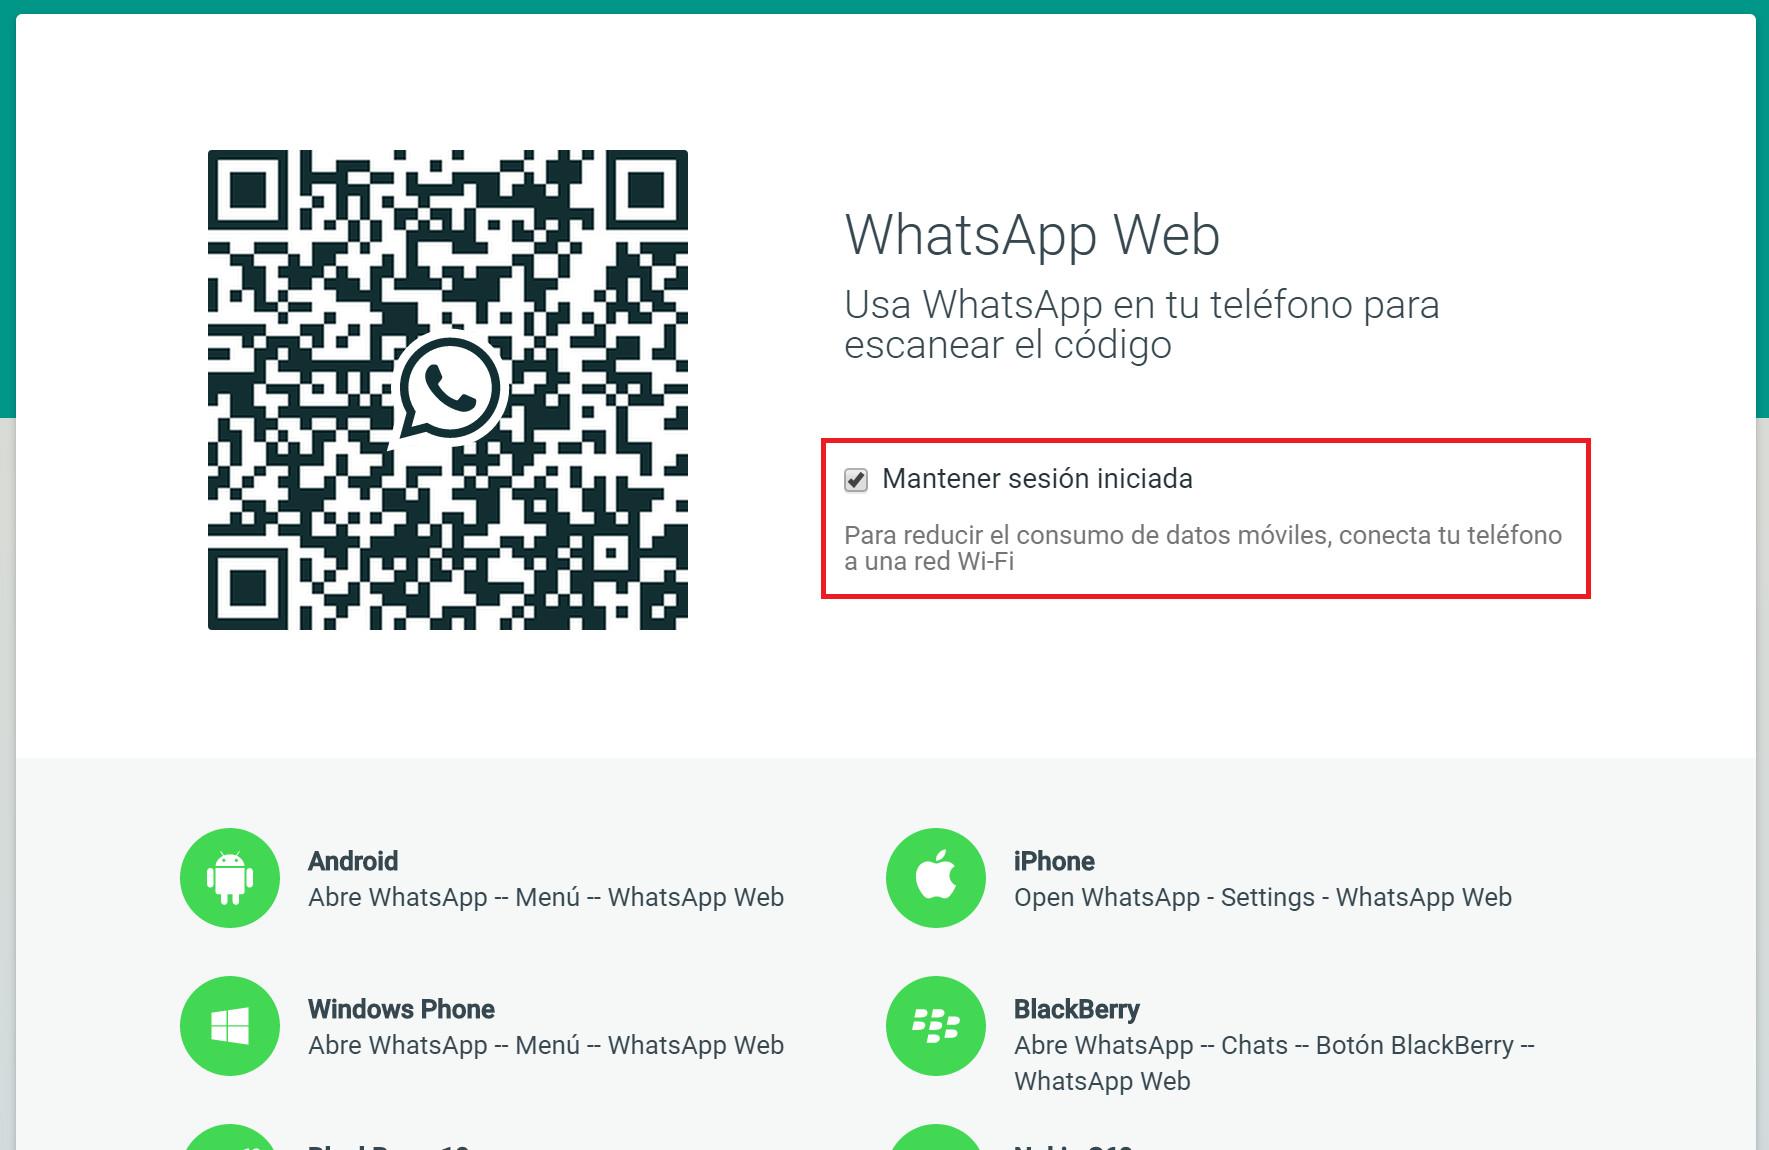 Como digitalizar o código QR do WhatsApp Web com a câmera frontal